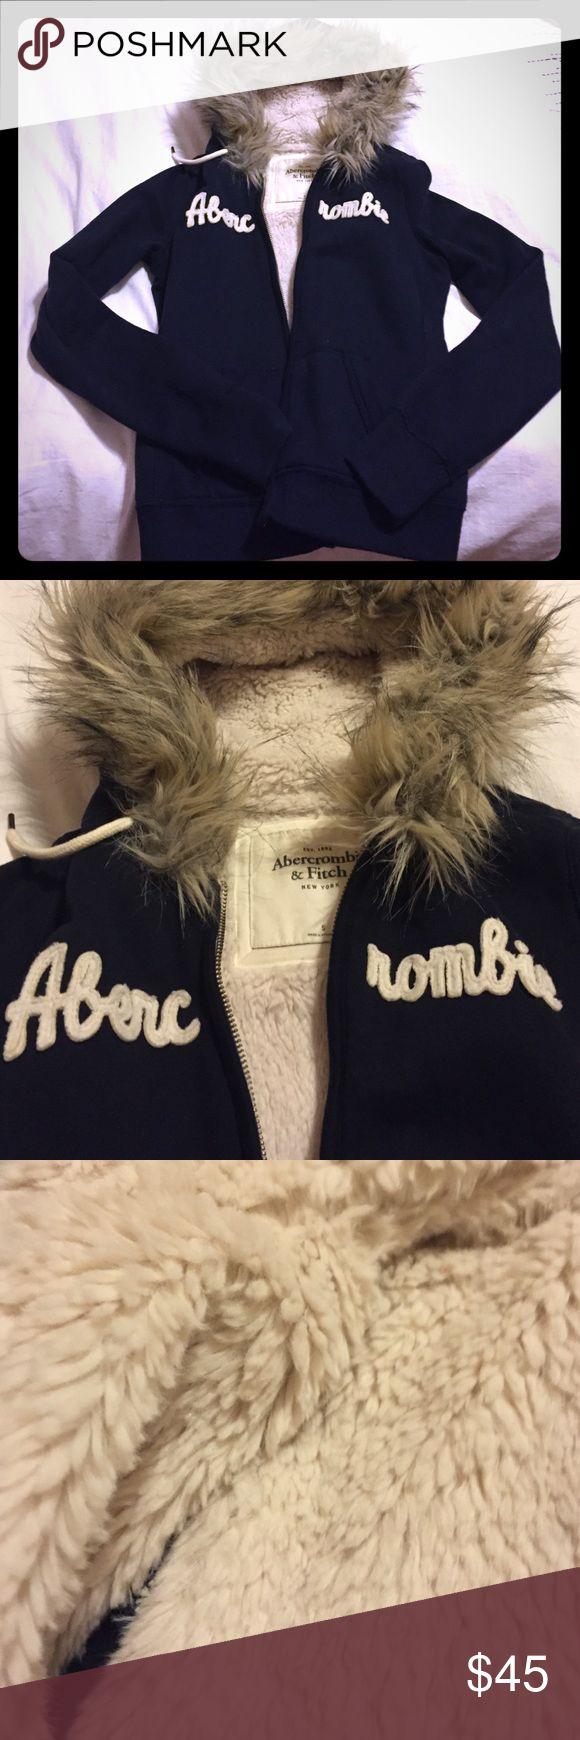 Fur-lined zip up hoodie Navy zip up hoodie, fur-lining, fur hood, never worn. Abercrombie & Fitch Tops Sweatshirts & Hoodies